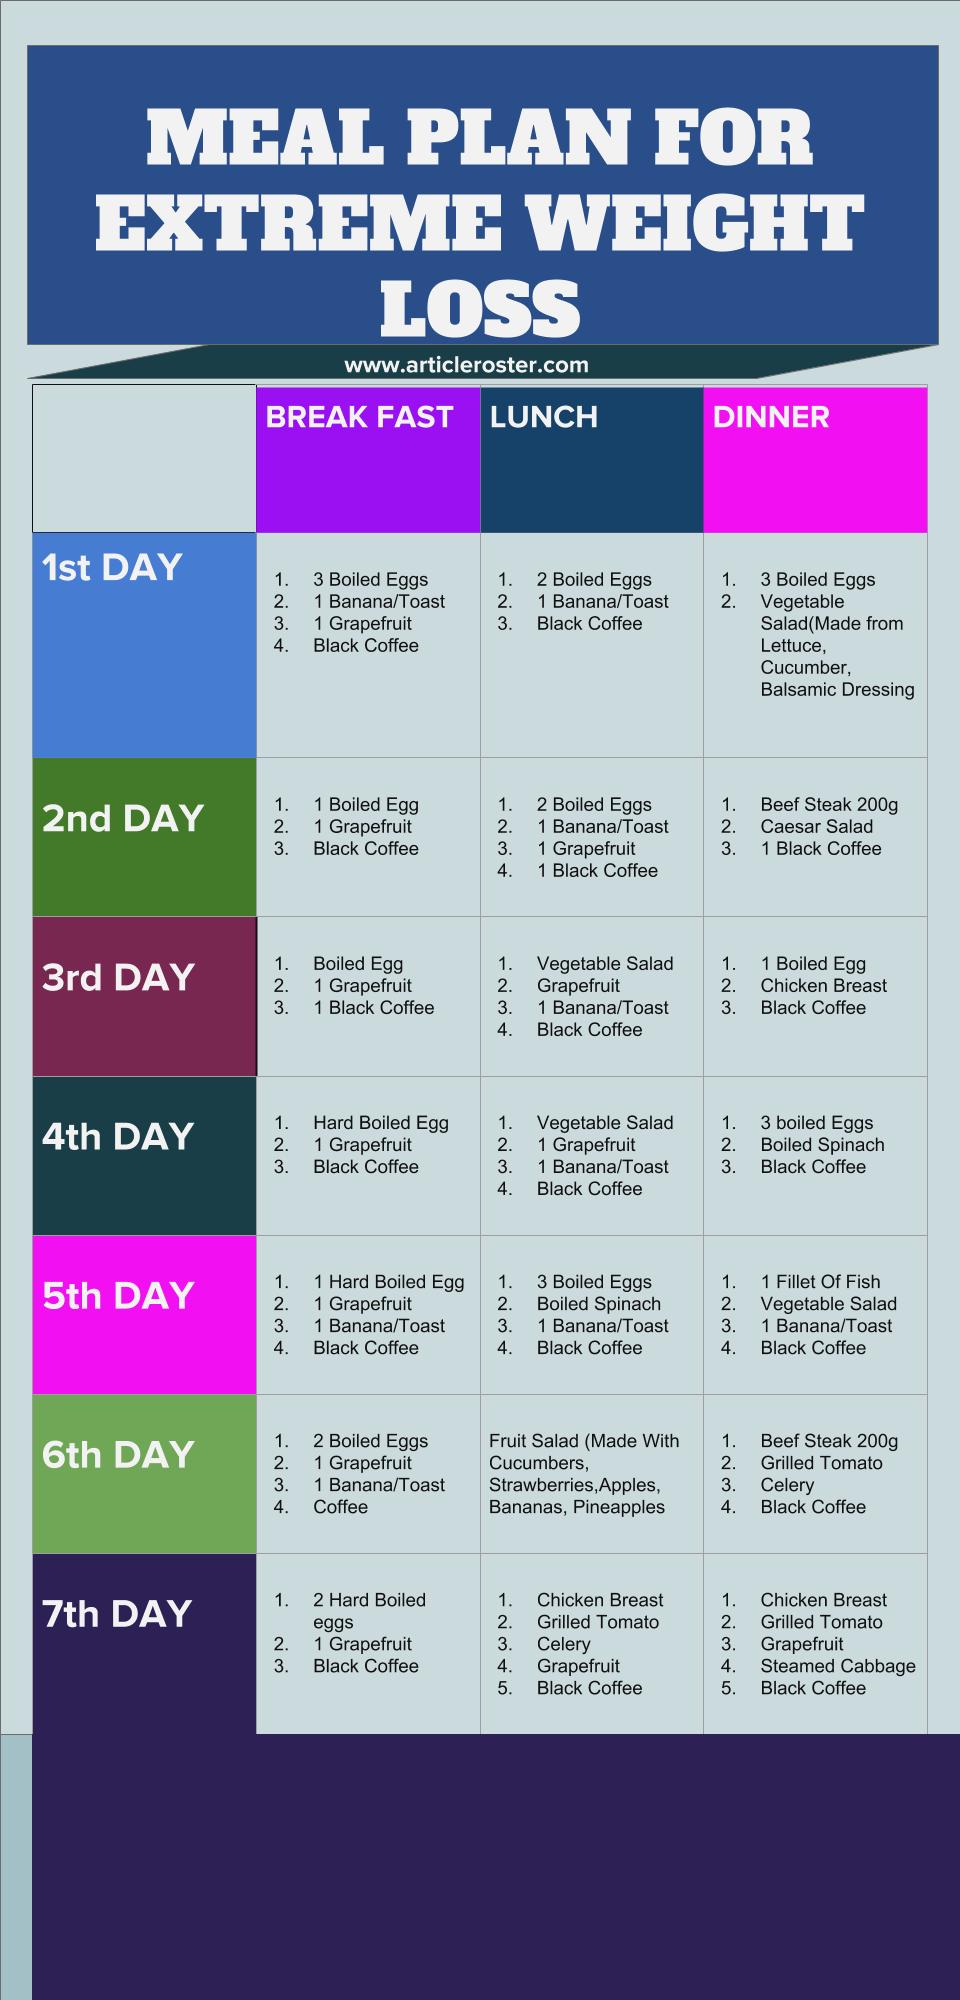 30 Tage Saft schneller Plan zur Gewichtsreduktion